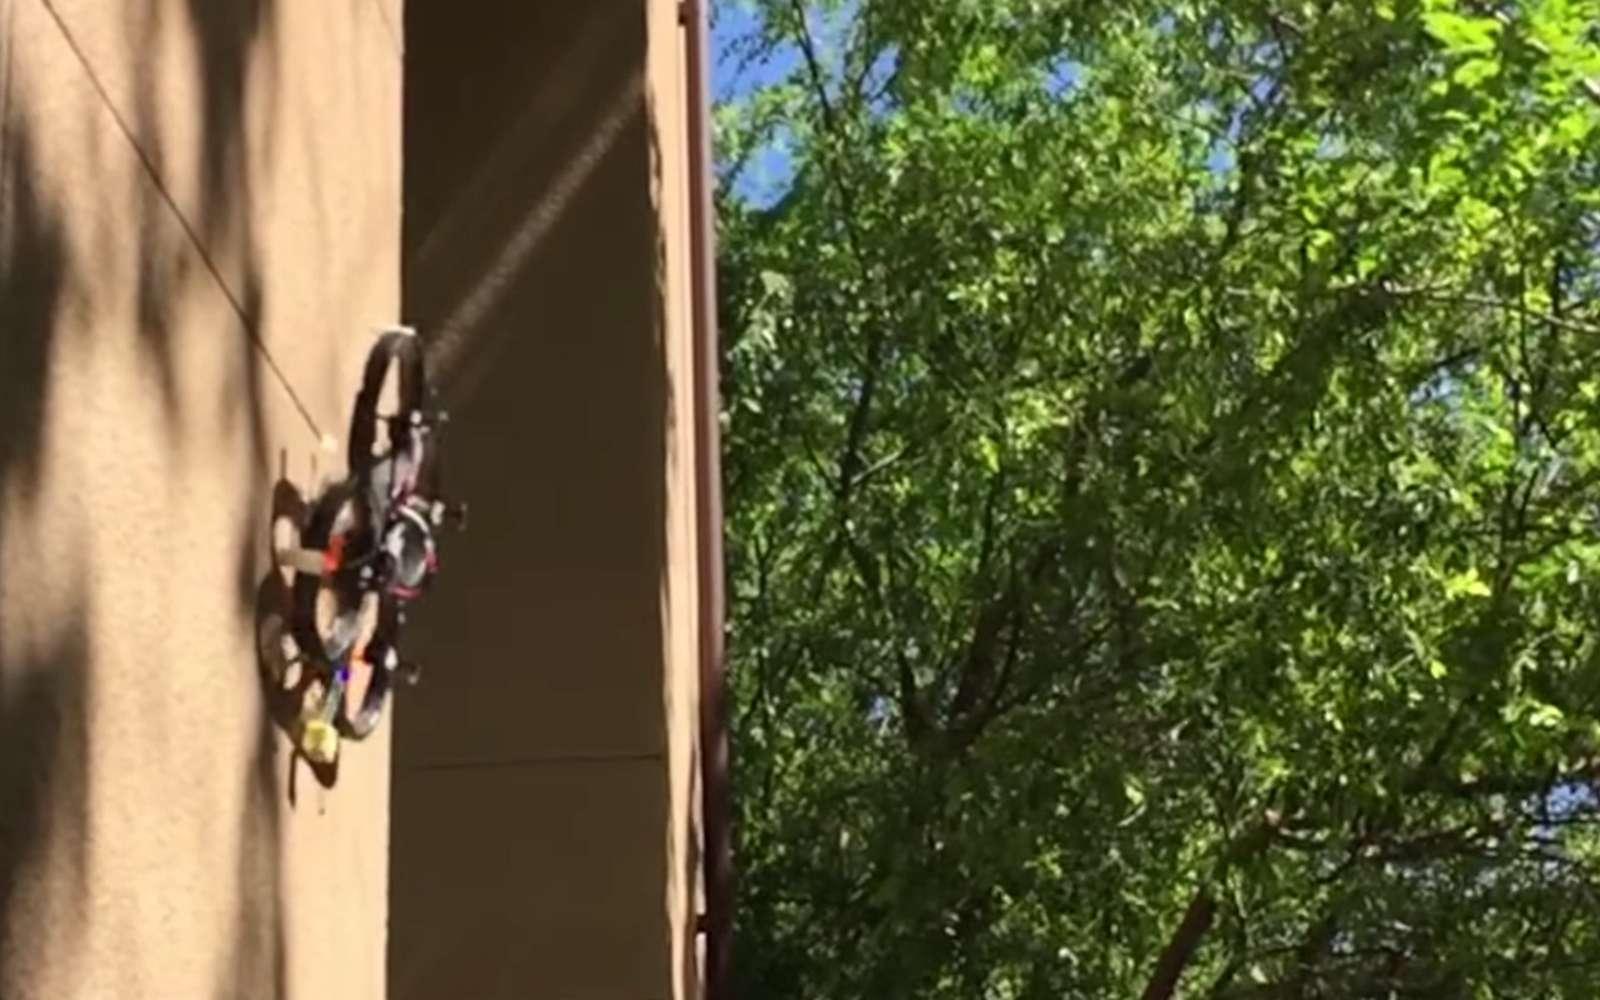 Si ce concept de train d'atterrissage se concrétise, les drones commerciaux seront bientôt capables de se poser contre les façades des bâtiments ou sur un plafond pour pouvoir filmer sans user leur batterie en vol stationnaire. © Biomimetics and Dexterous Manipulation Lab, Stanford University